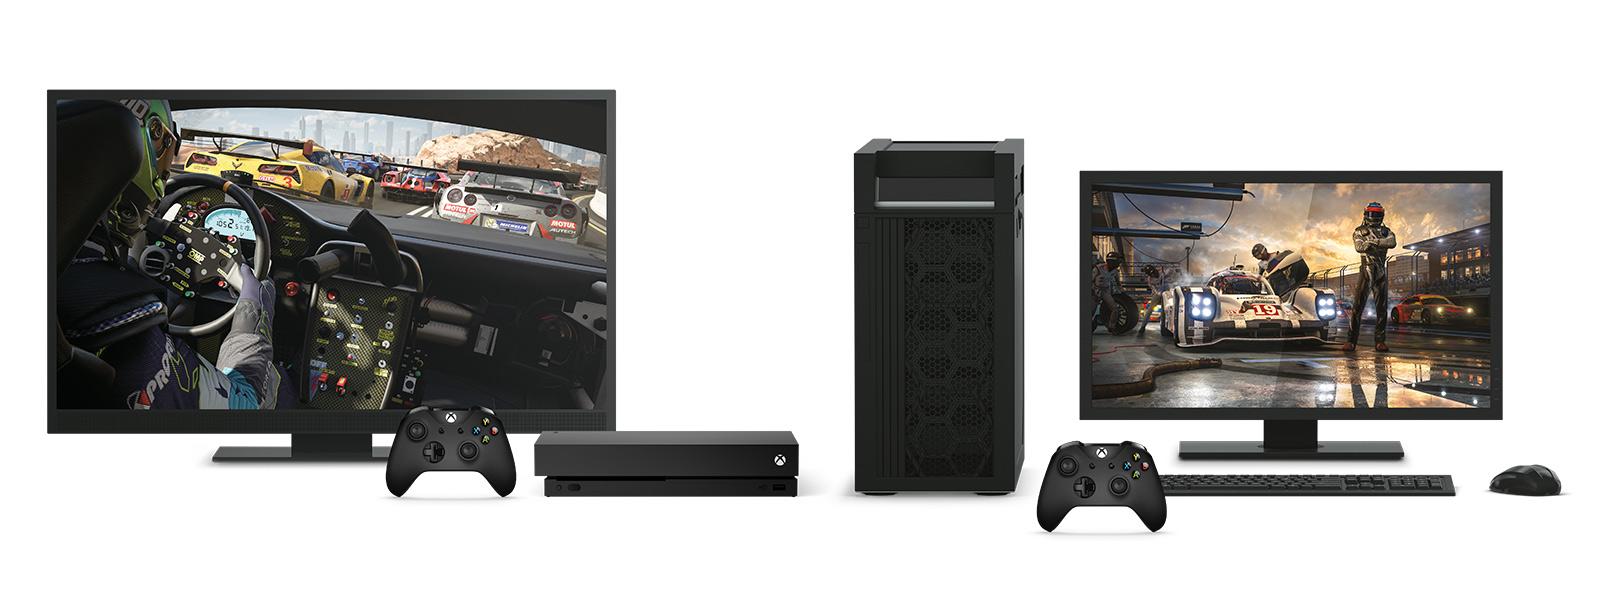 Xbox One X und ein 4K-Desktop-Gerät mit Forza Motorsport 7 auf einem Fernseher und einem Computerbildschirm